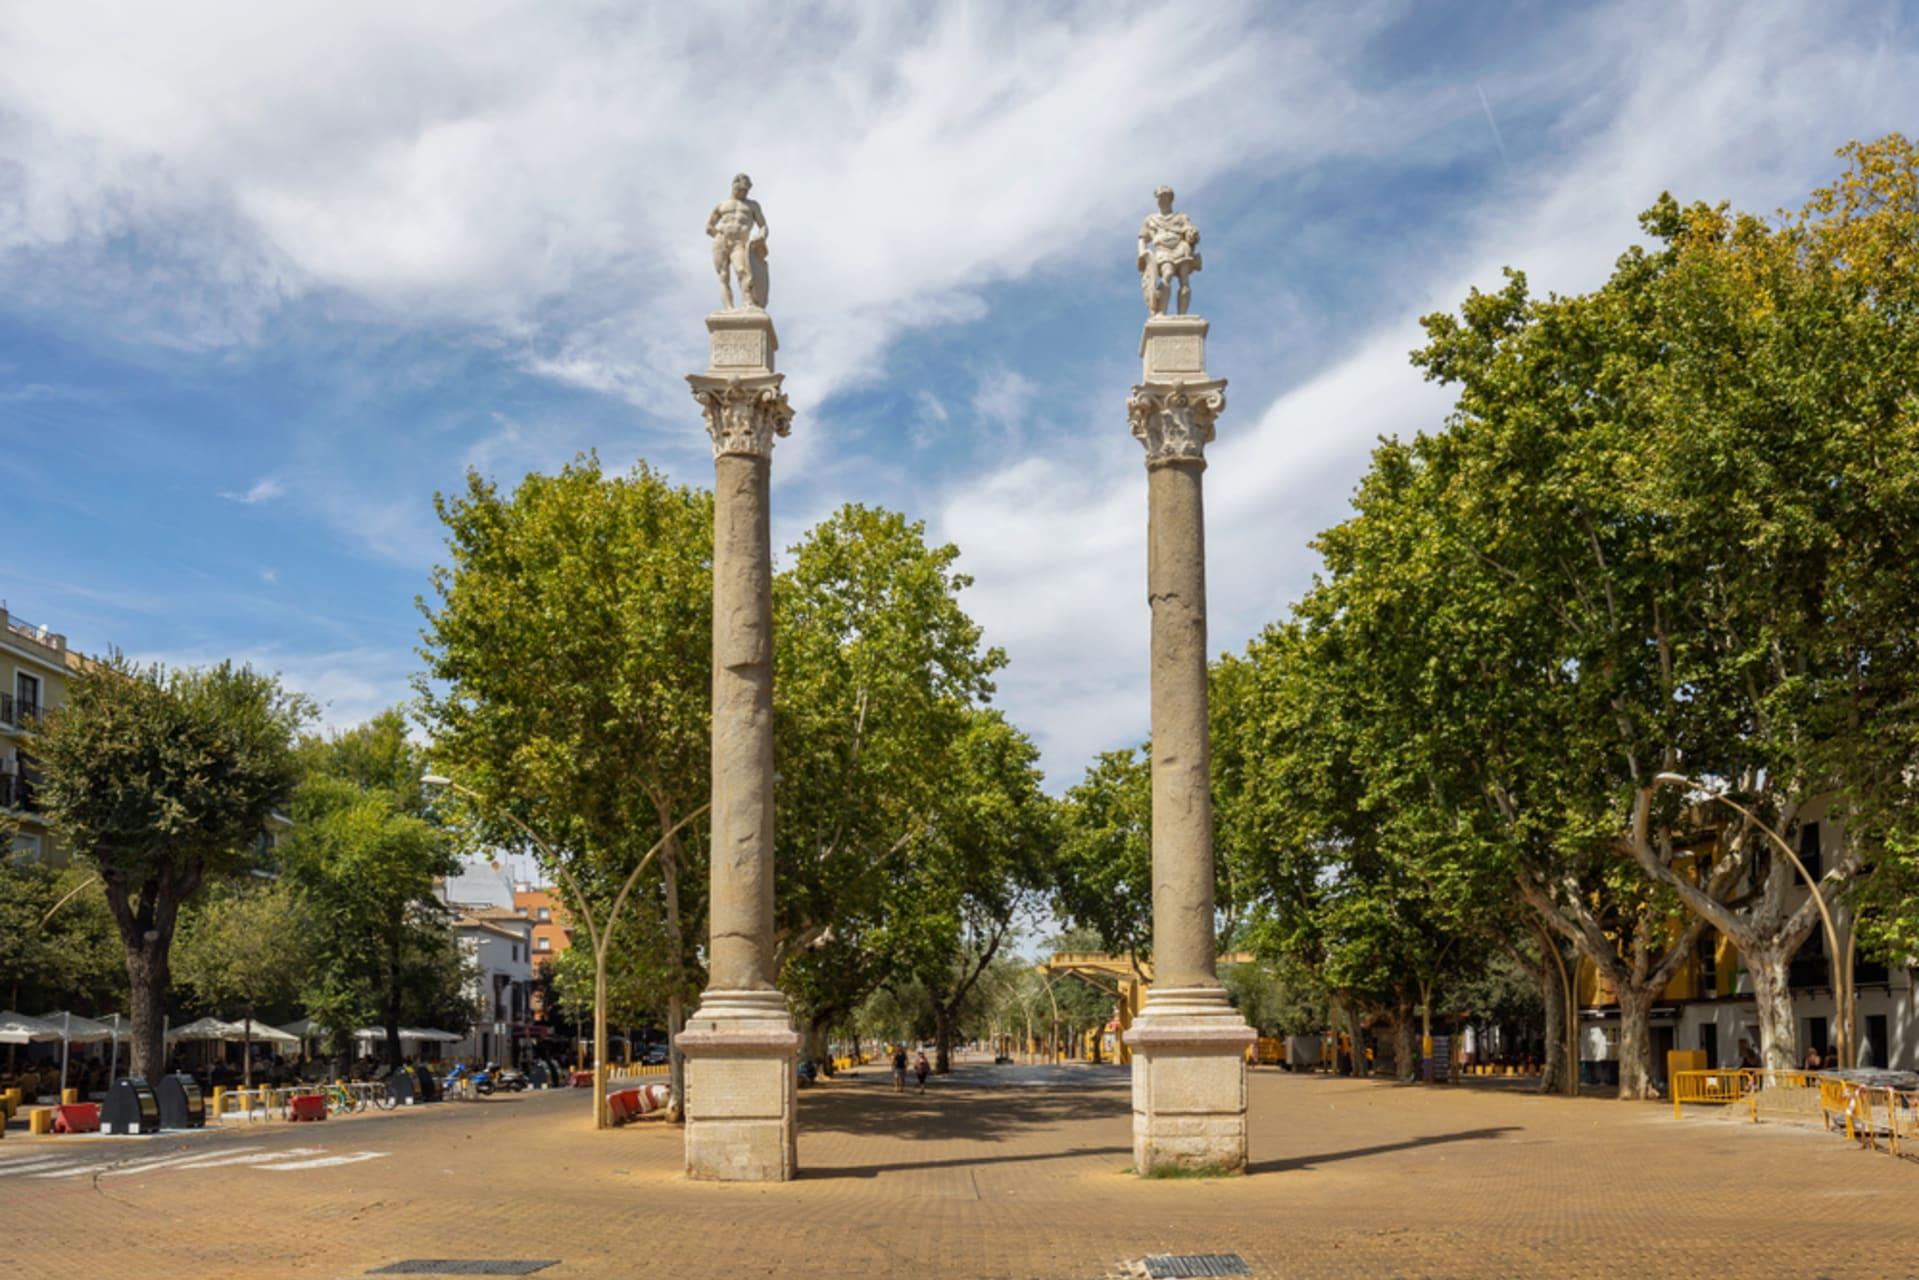 Seville - Strolling down Seville's Alameda de Hércules